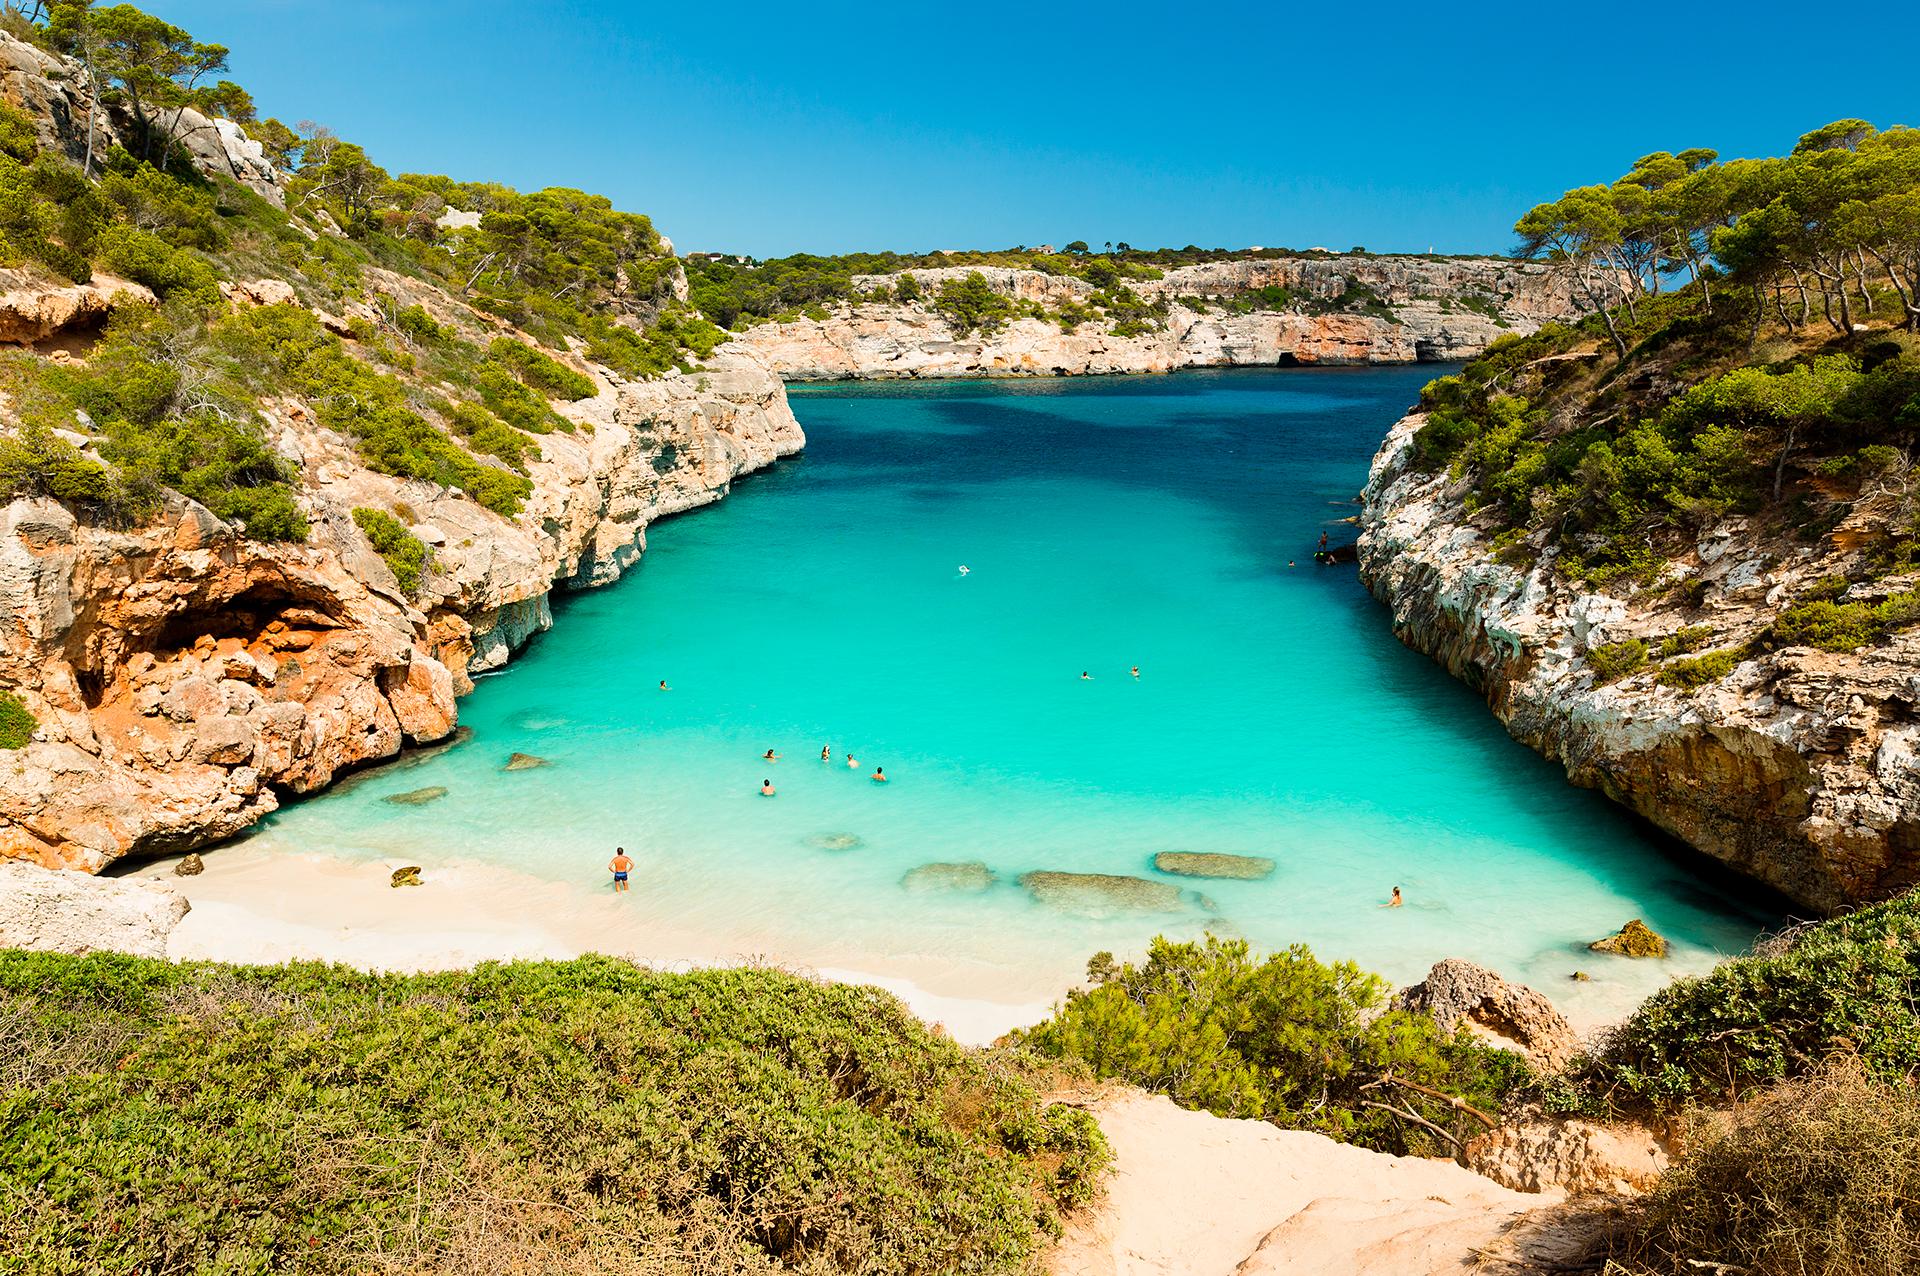 Se trata de una localidad y pedanía española perteneciente al municipio de Santañí, en la parte suroriental de Mallorca. A pesar de ser una de las urbanizaciones turísticas más antiguas de la isla, sigue conservando su esencia